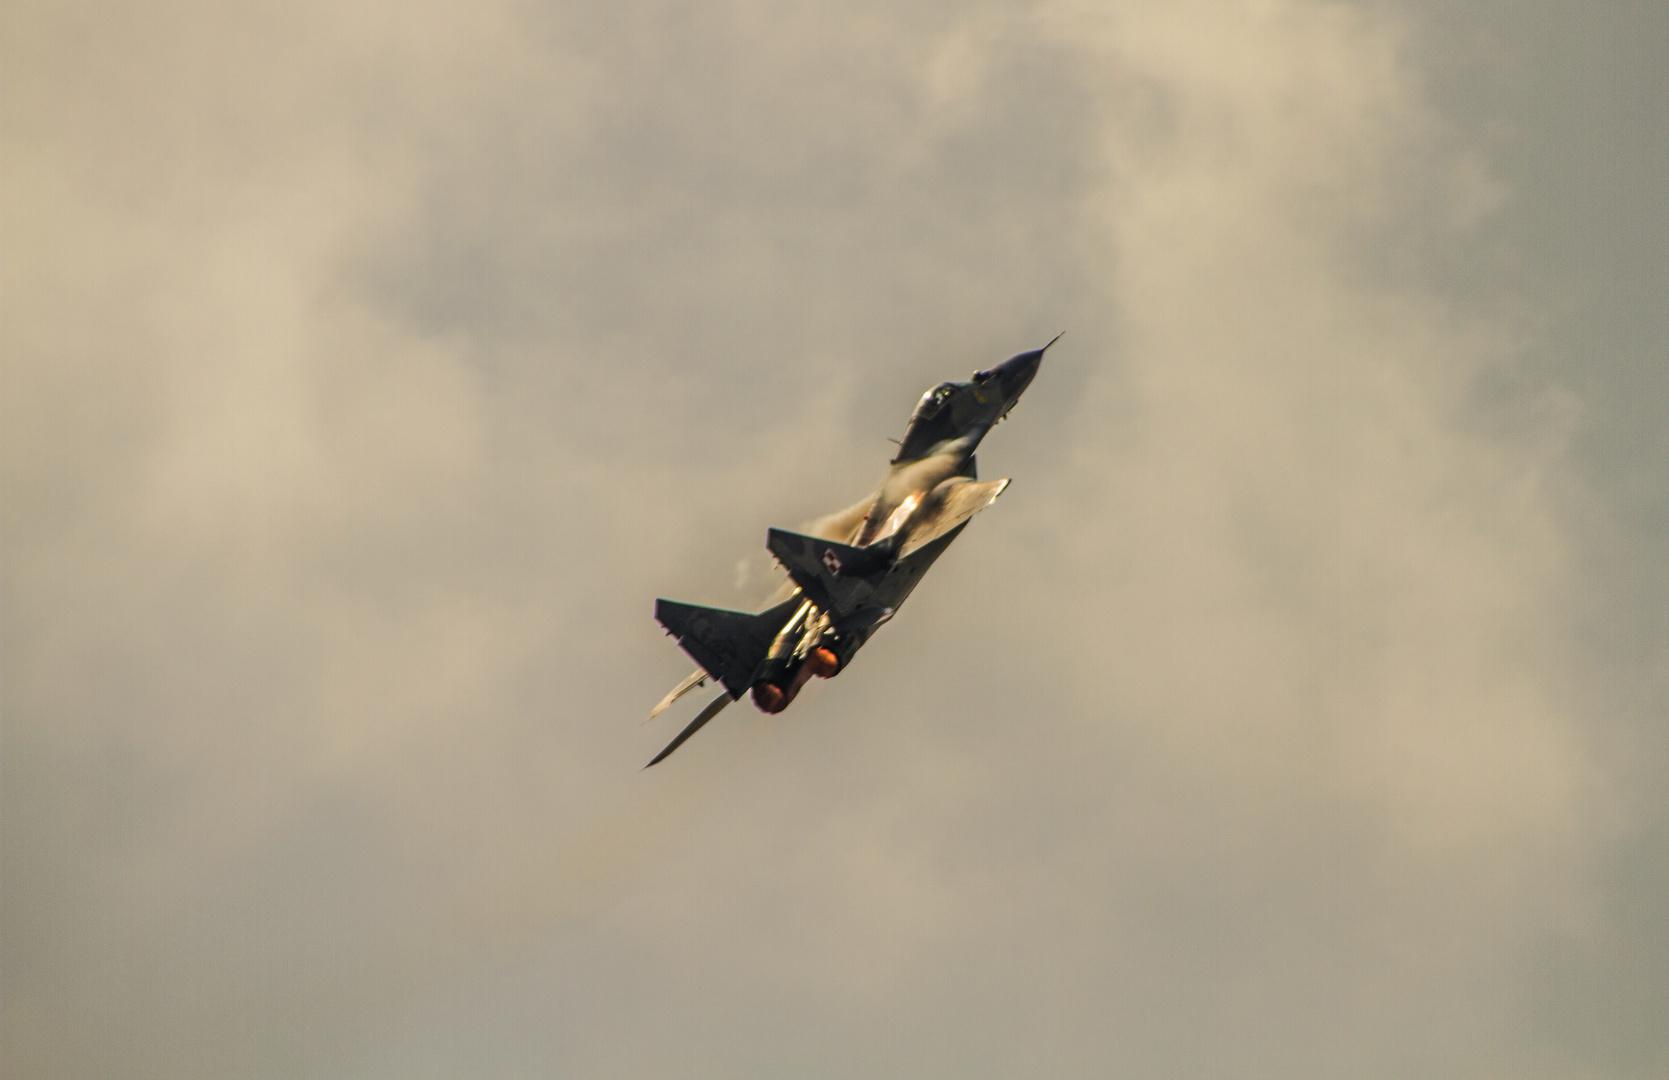 MiG-29/1